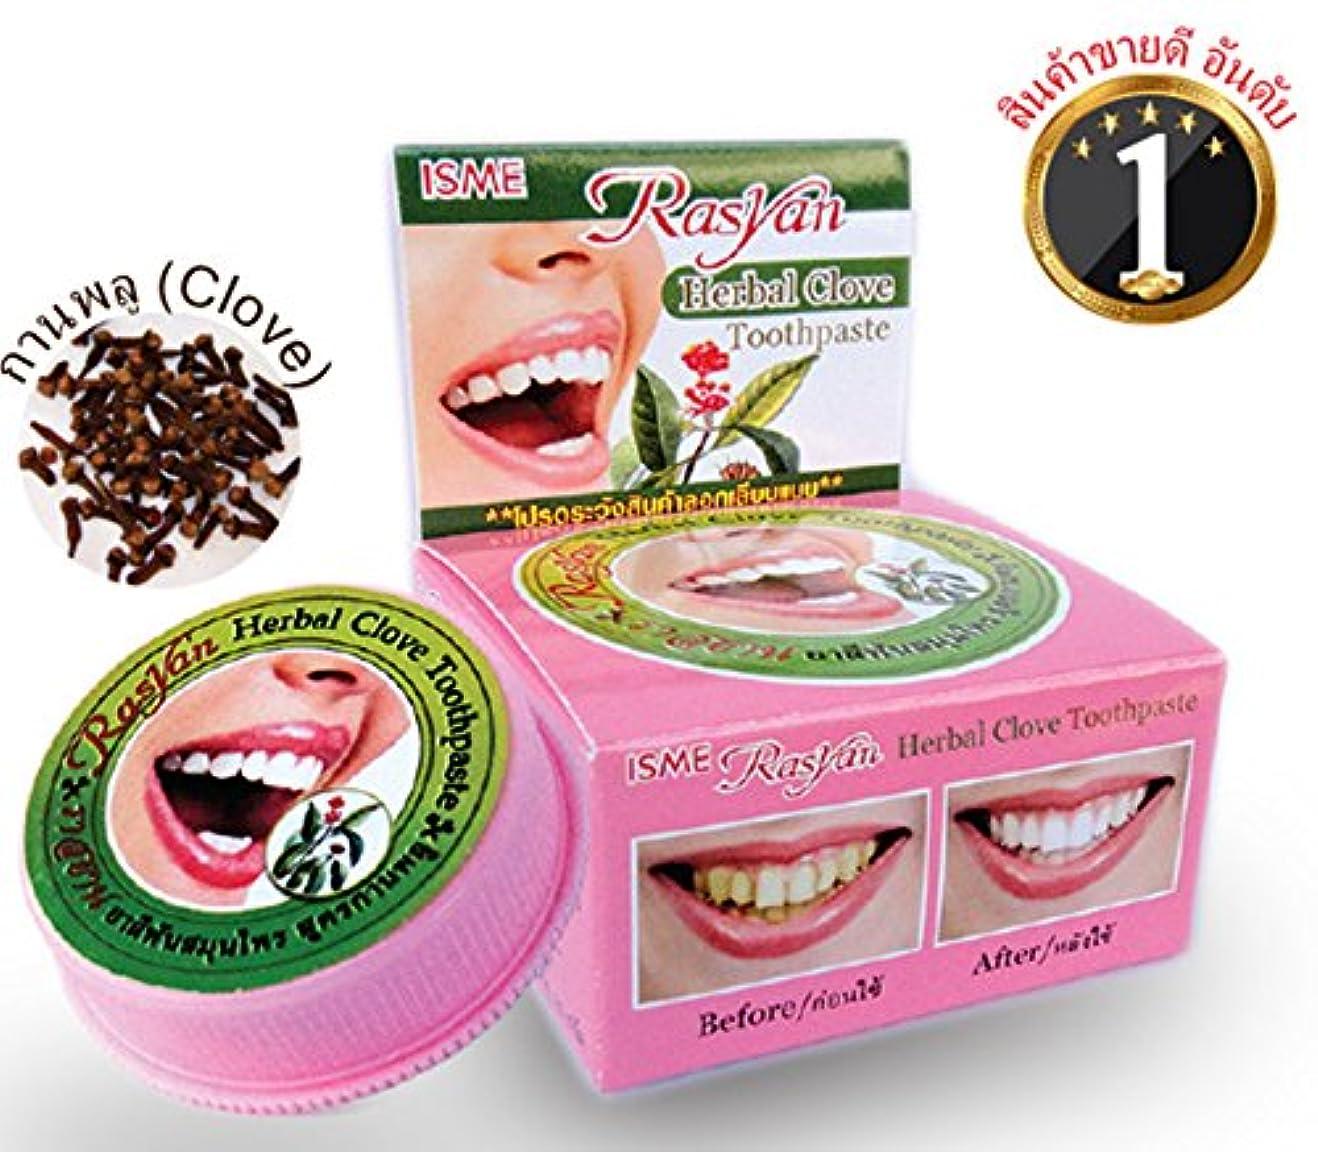 未亡人バーマド緊張する練り歯磨き ハーブ Thai Herbal Rasyan Herbal Clove Toothpaste (5 Gram Size) 2 Pcs.